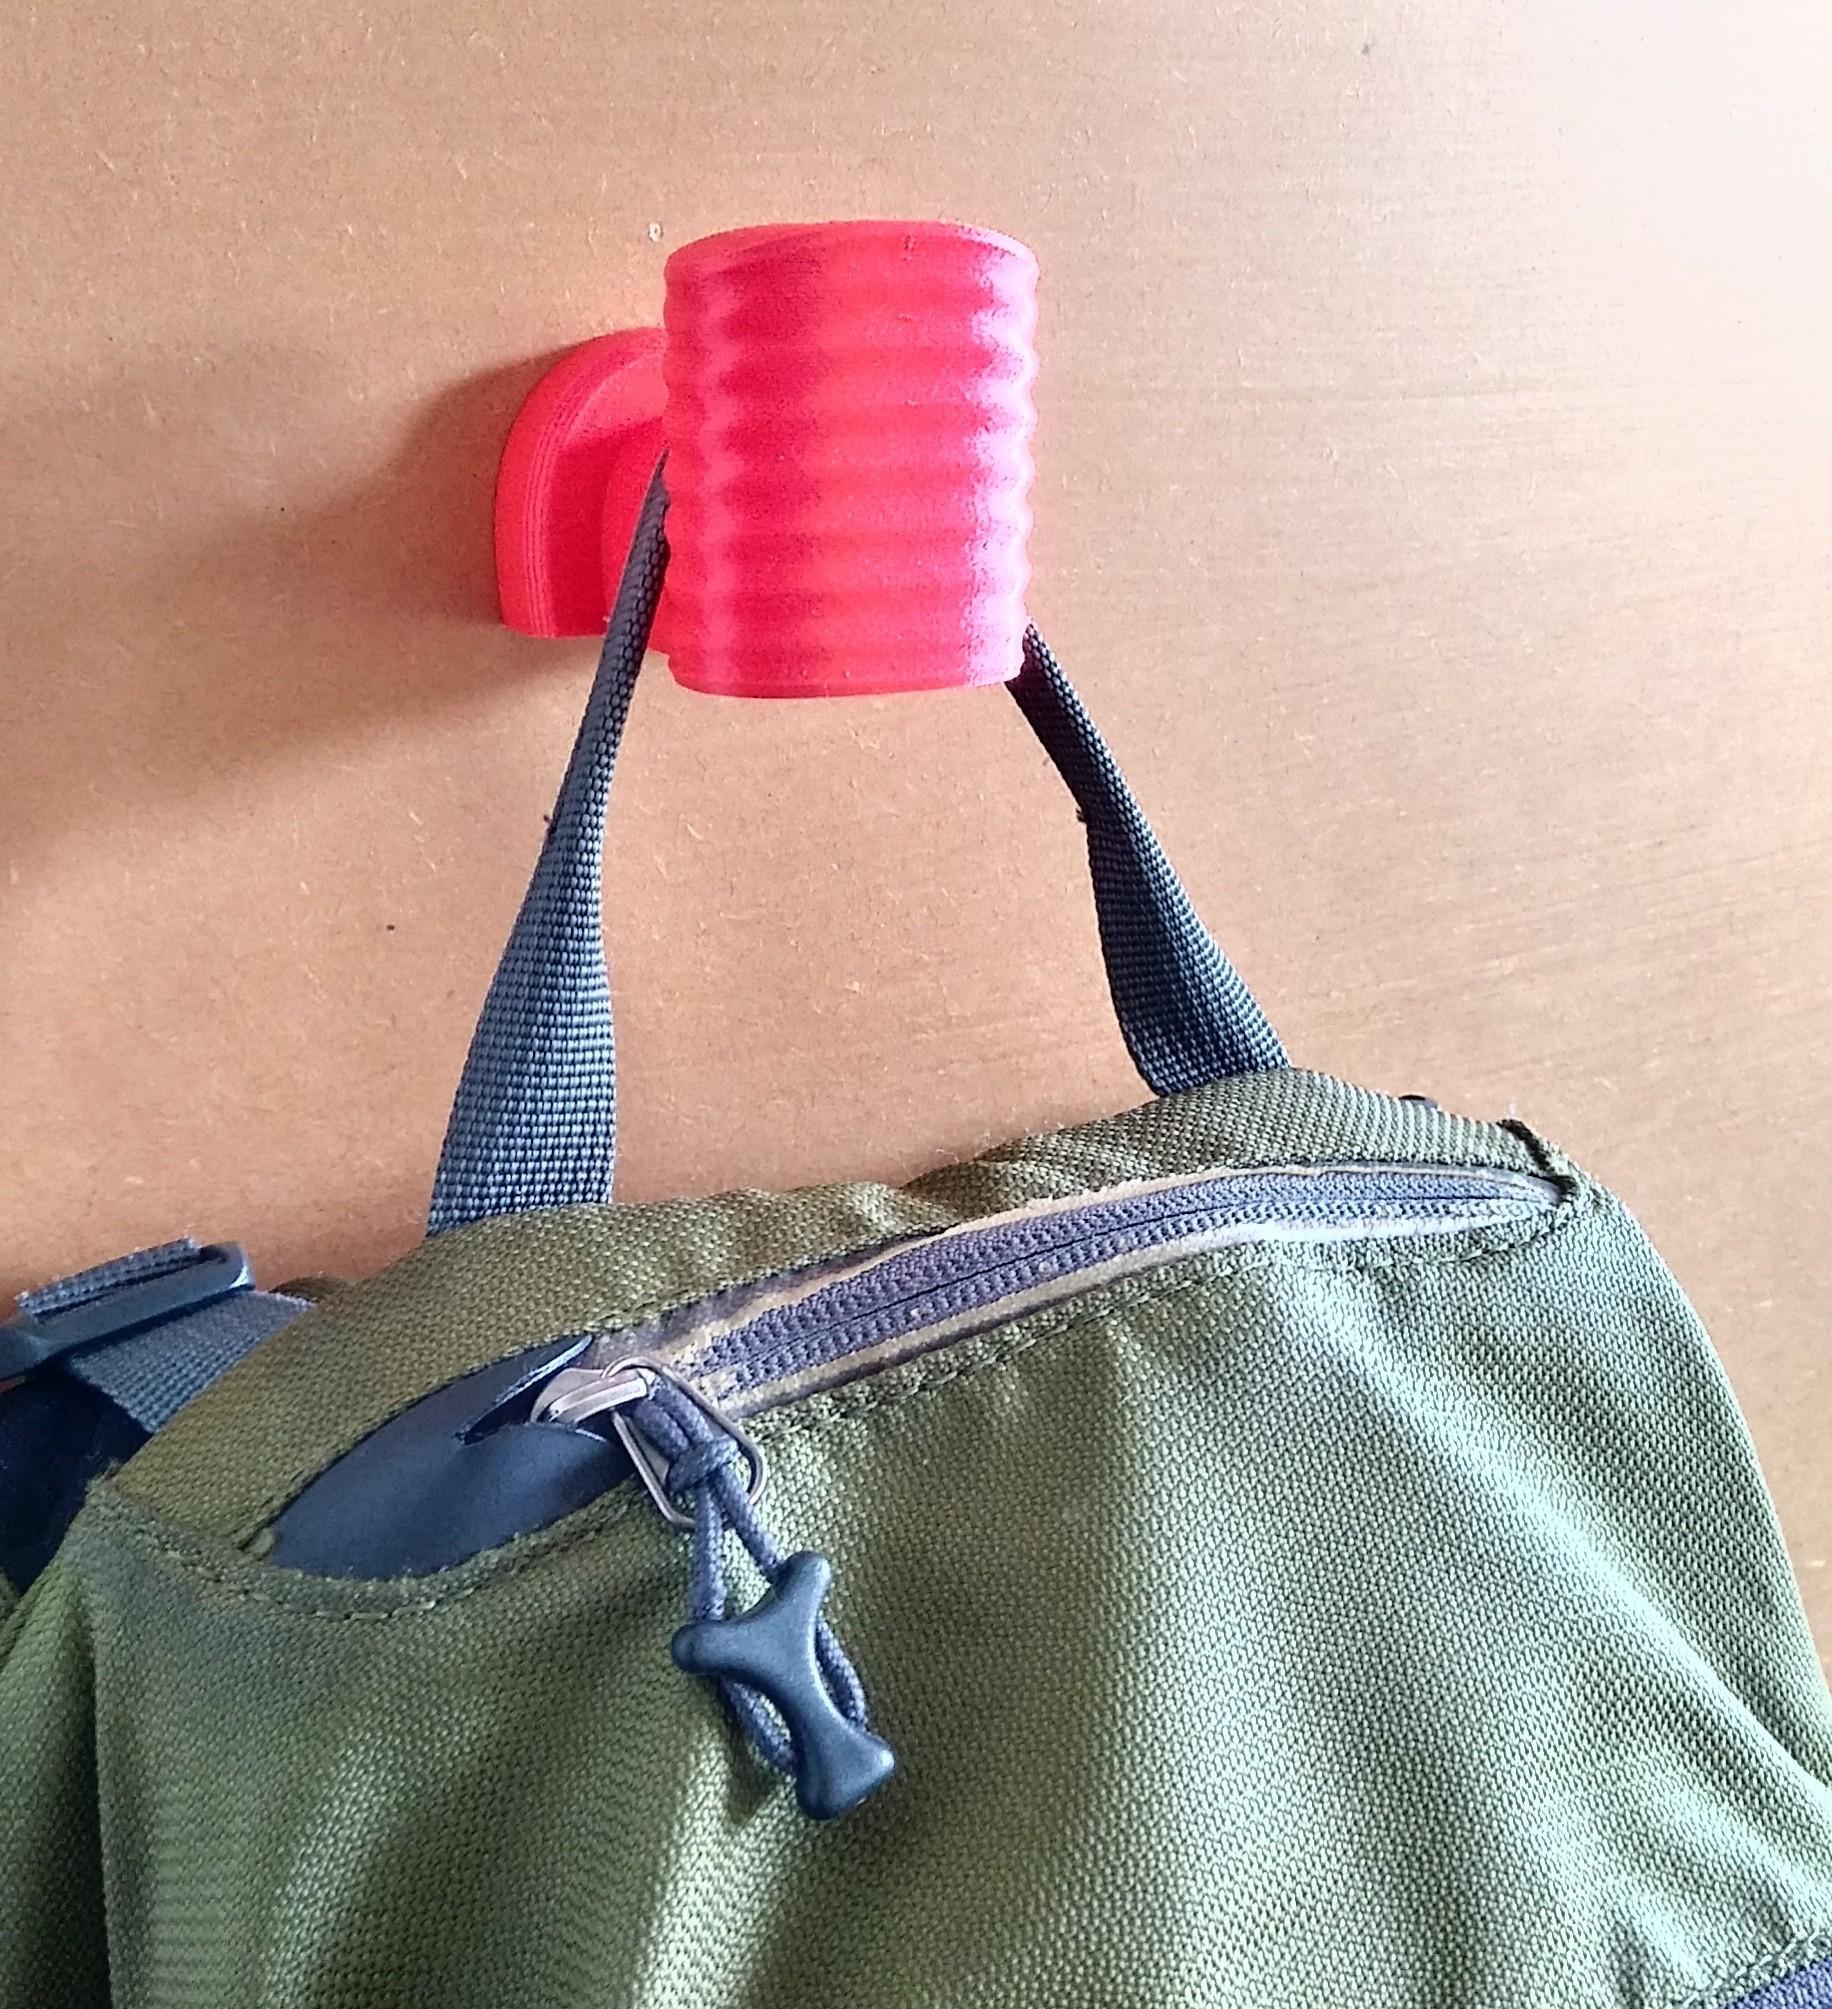 Coat rack 6a.jpg Download free STL file Coat Rack Backpack • Model to 3D print, JuanLC